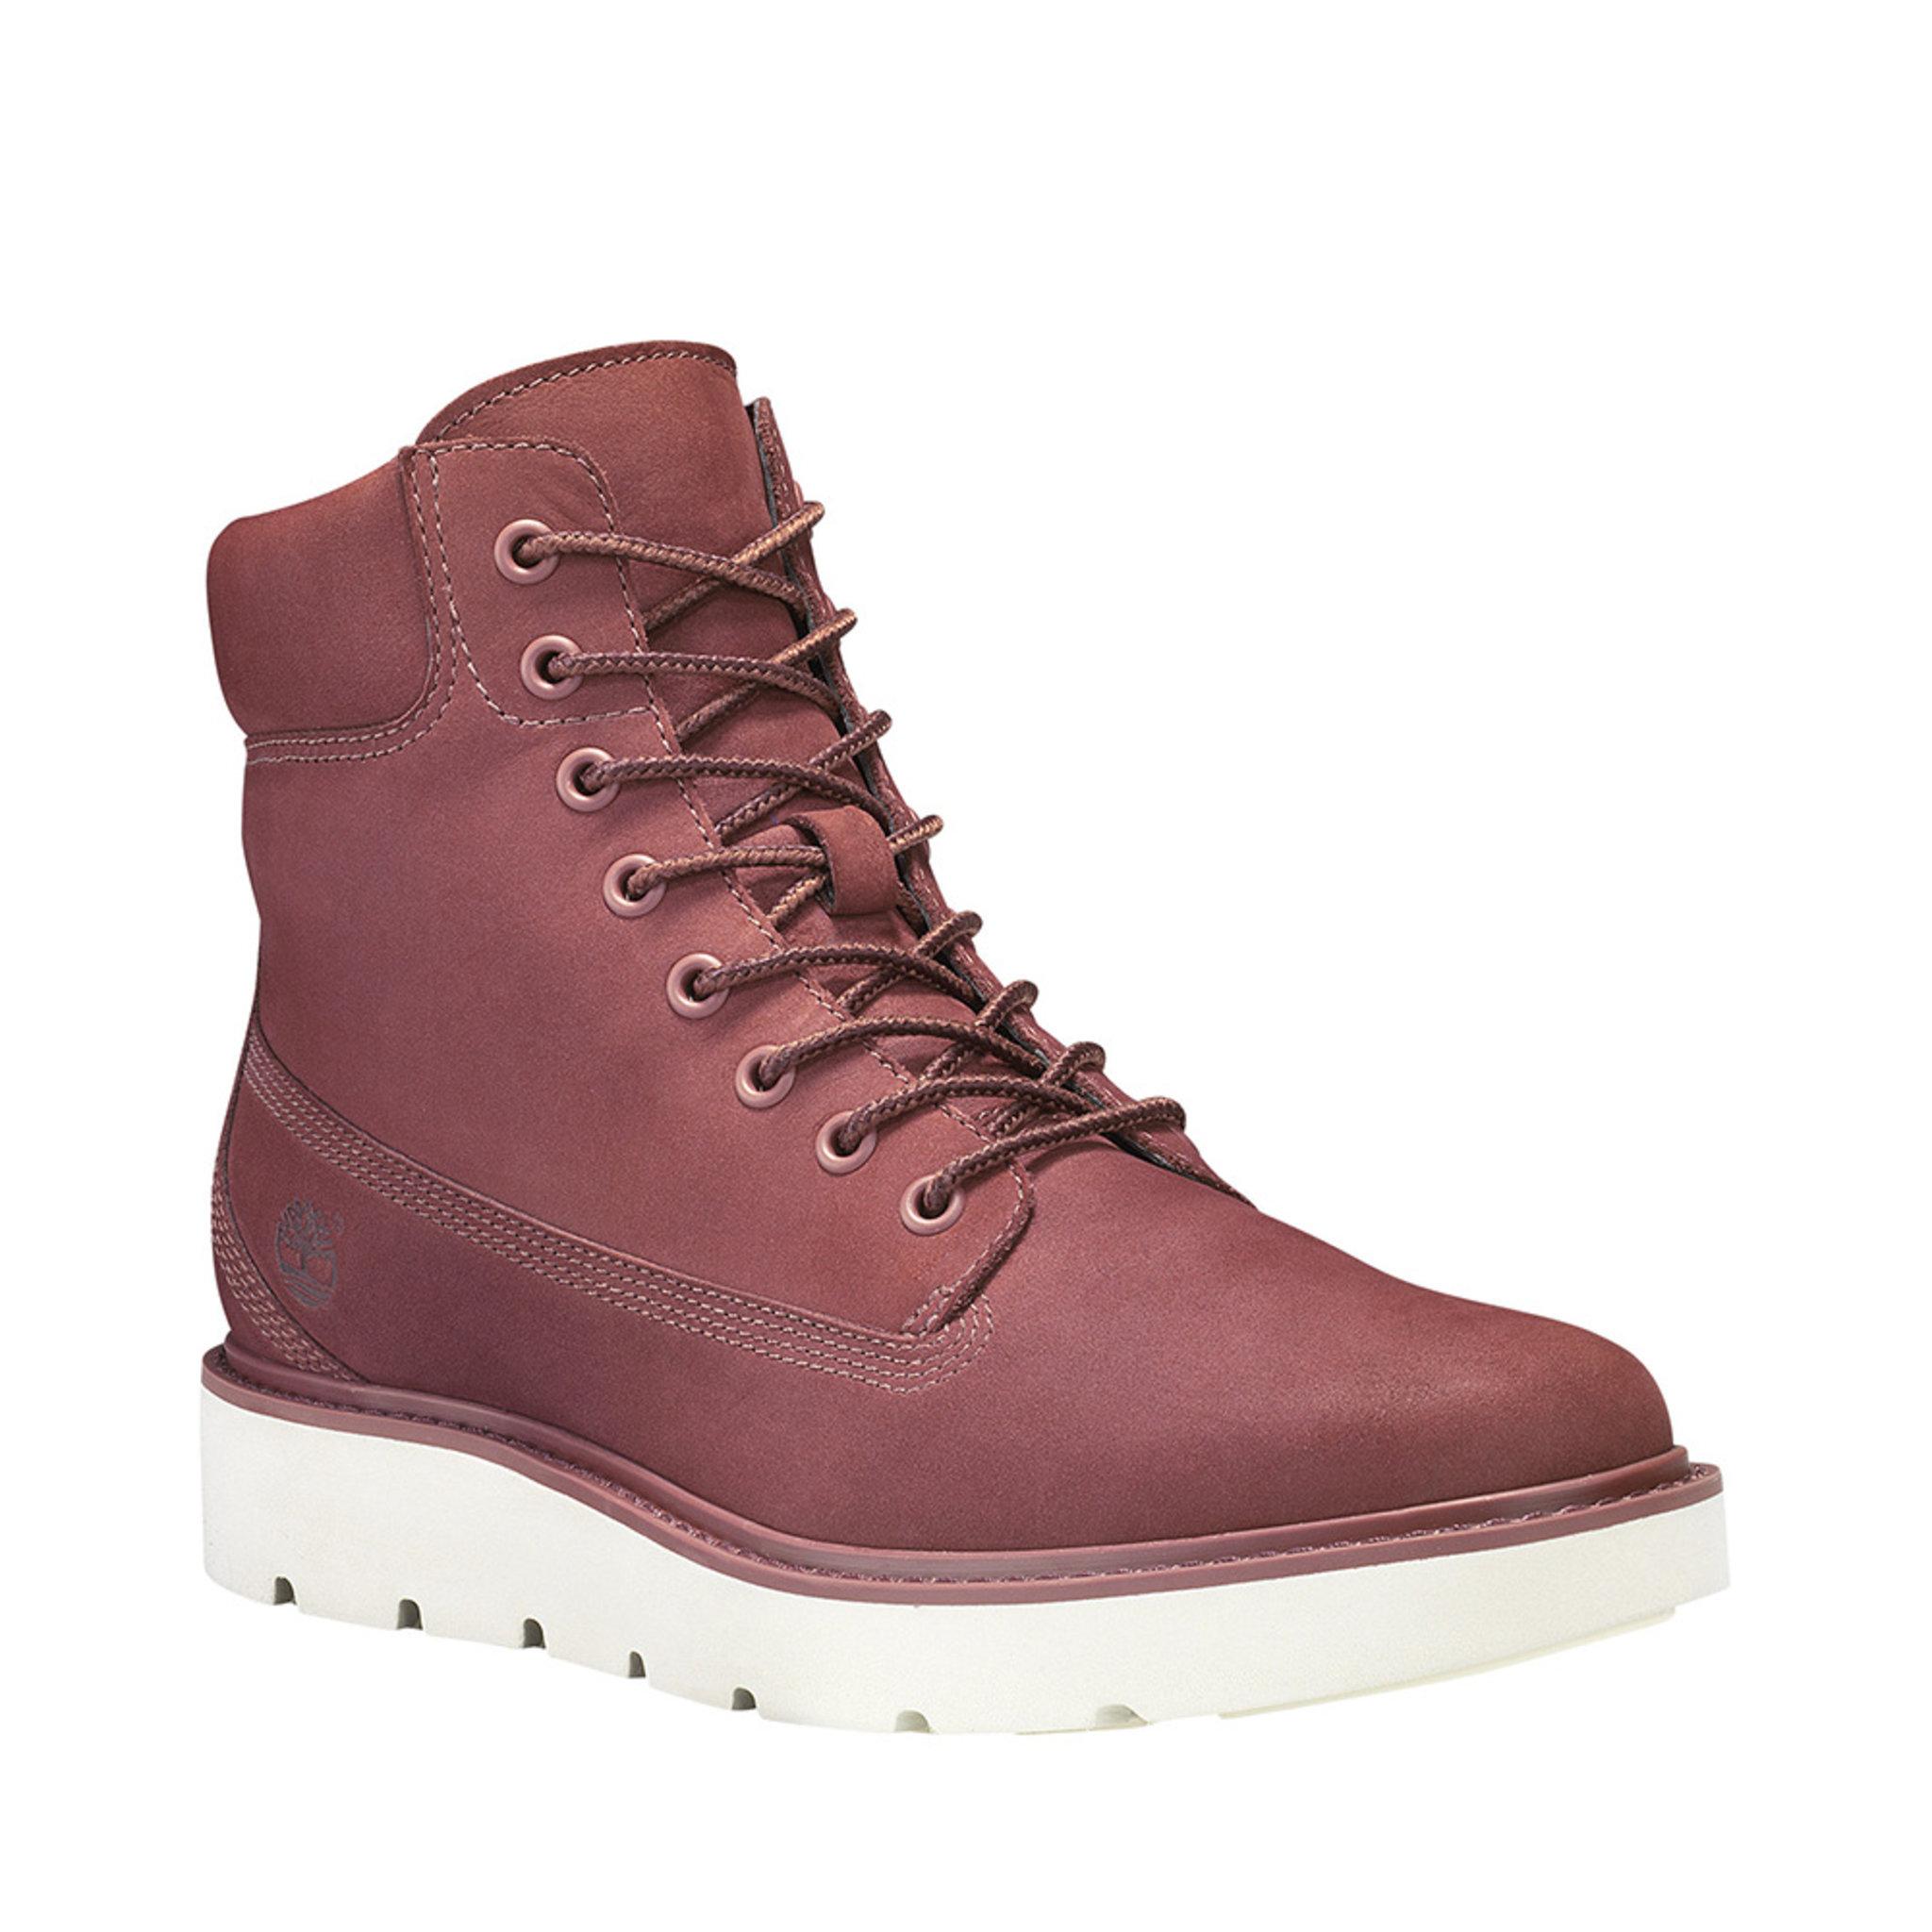 Kenniston 6-inch Boot - Stövlar   boots - Köp online på åhlens.se! bc799b92da5ab